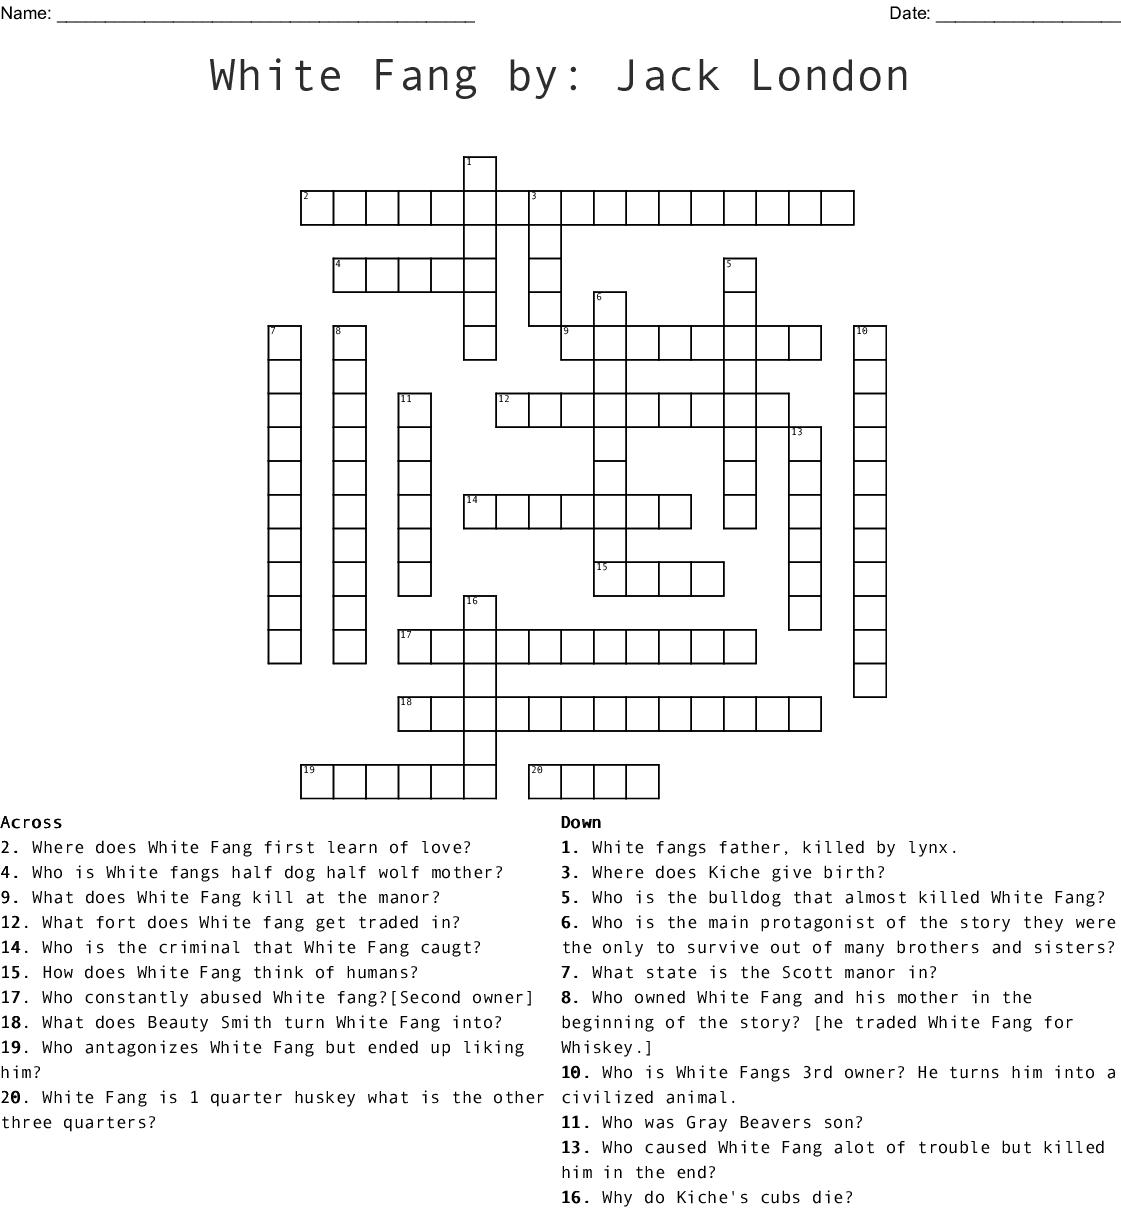 White Fang By Jack London Crossword